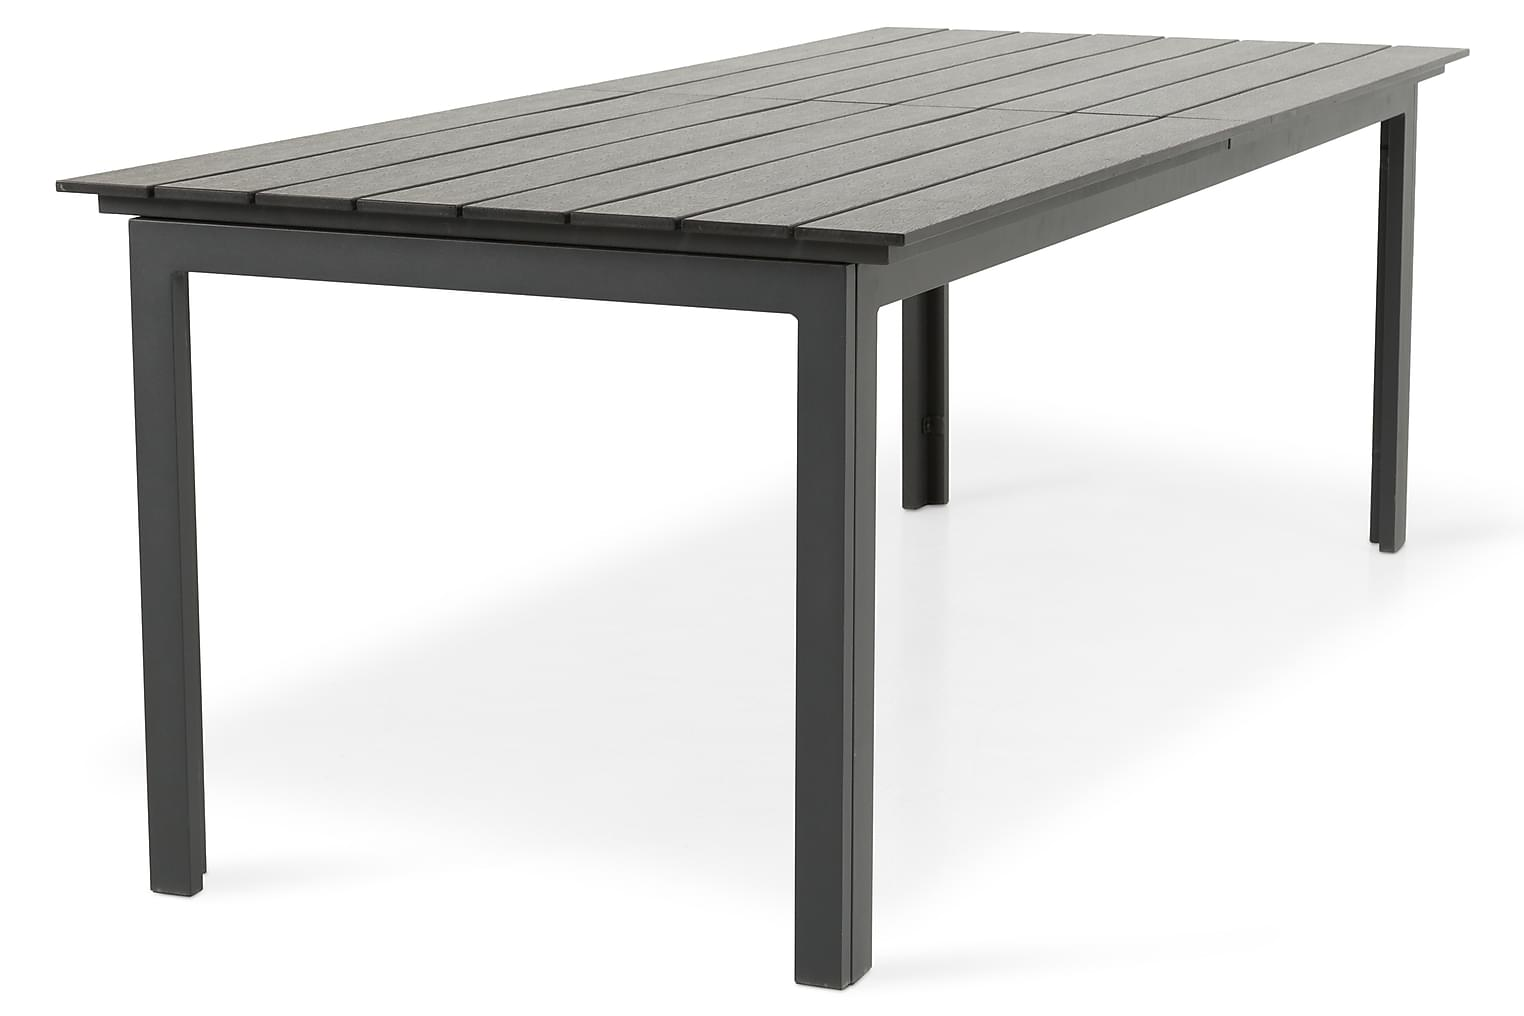 IDAHO Jatkettava Pöytä 220 Musta